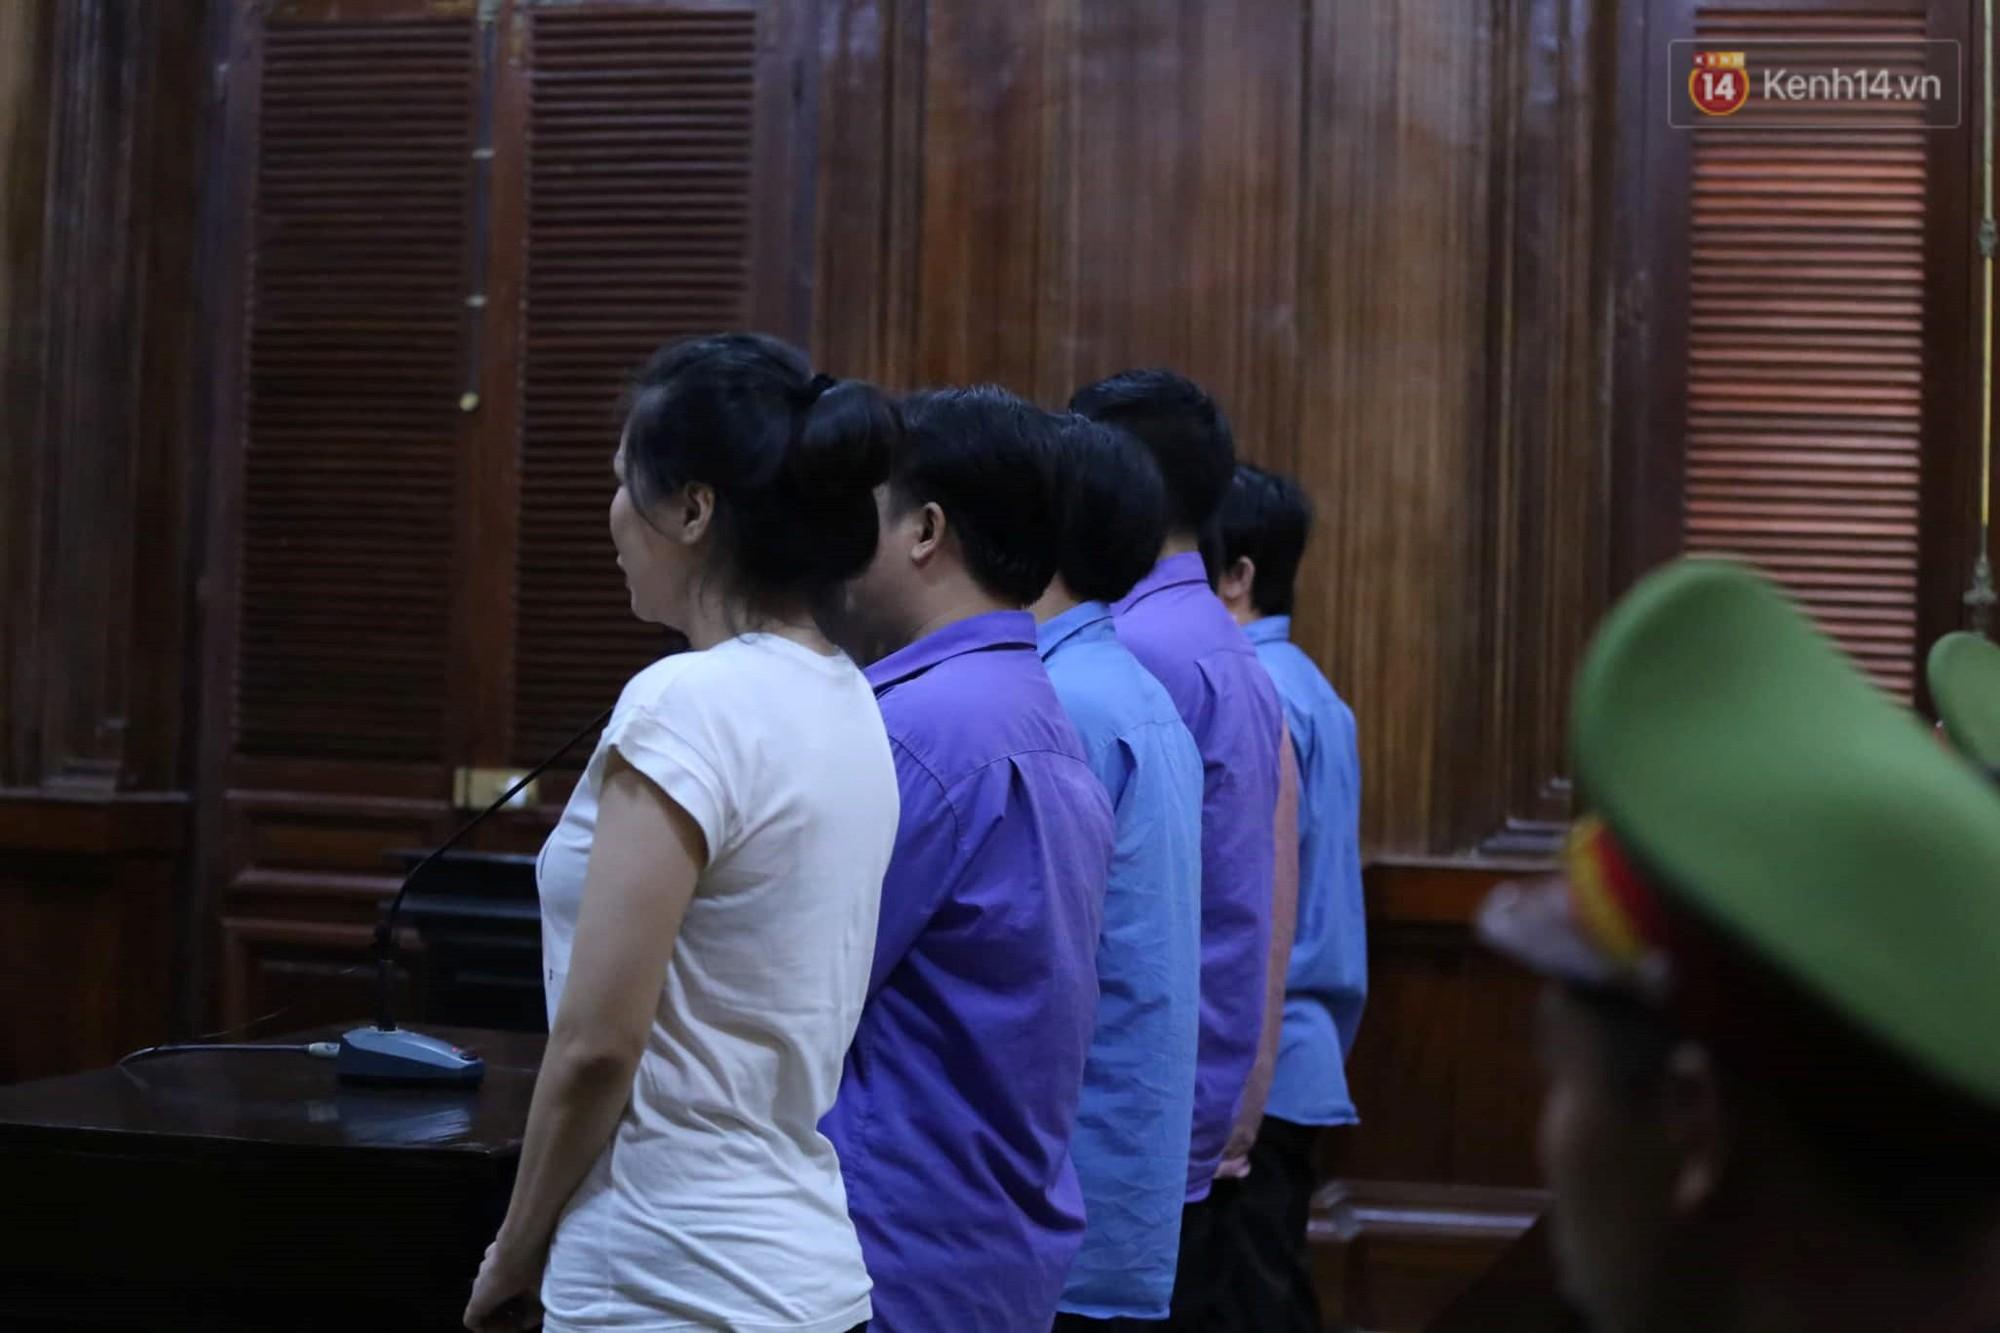 Vợ cũ bác sĩ Chiêm Quốc Thái thanh minh tại tòa sau khi thuê giang hồ truy sát chồng: Chỉ đánh dằn mặt, thuê người tát mấy cái...-7